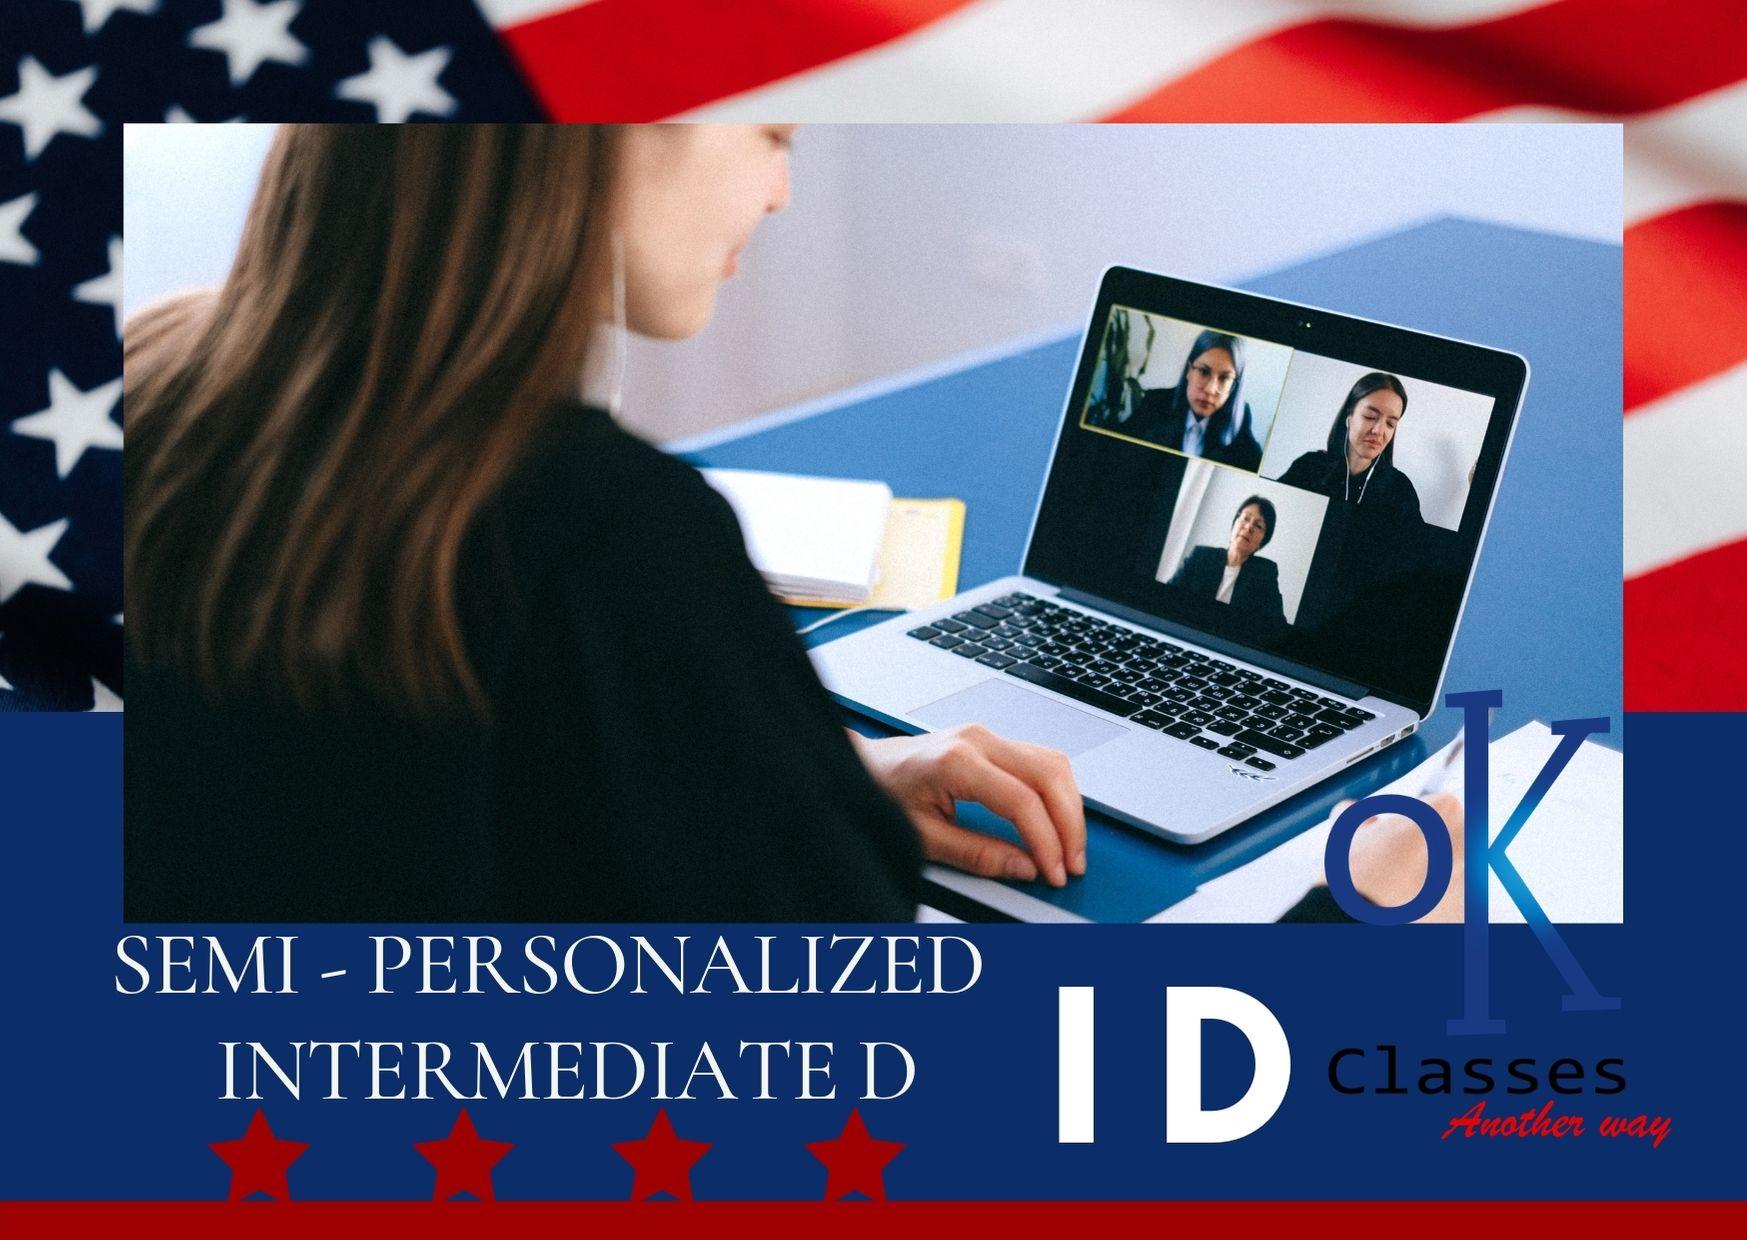 Ok Classes Semi-Personalized Intermediate D